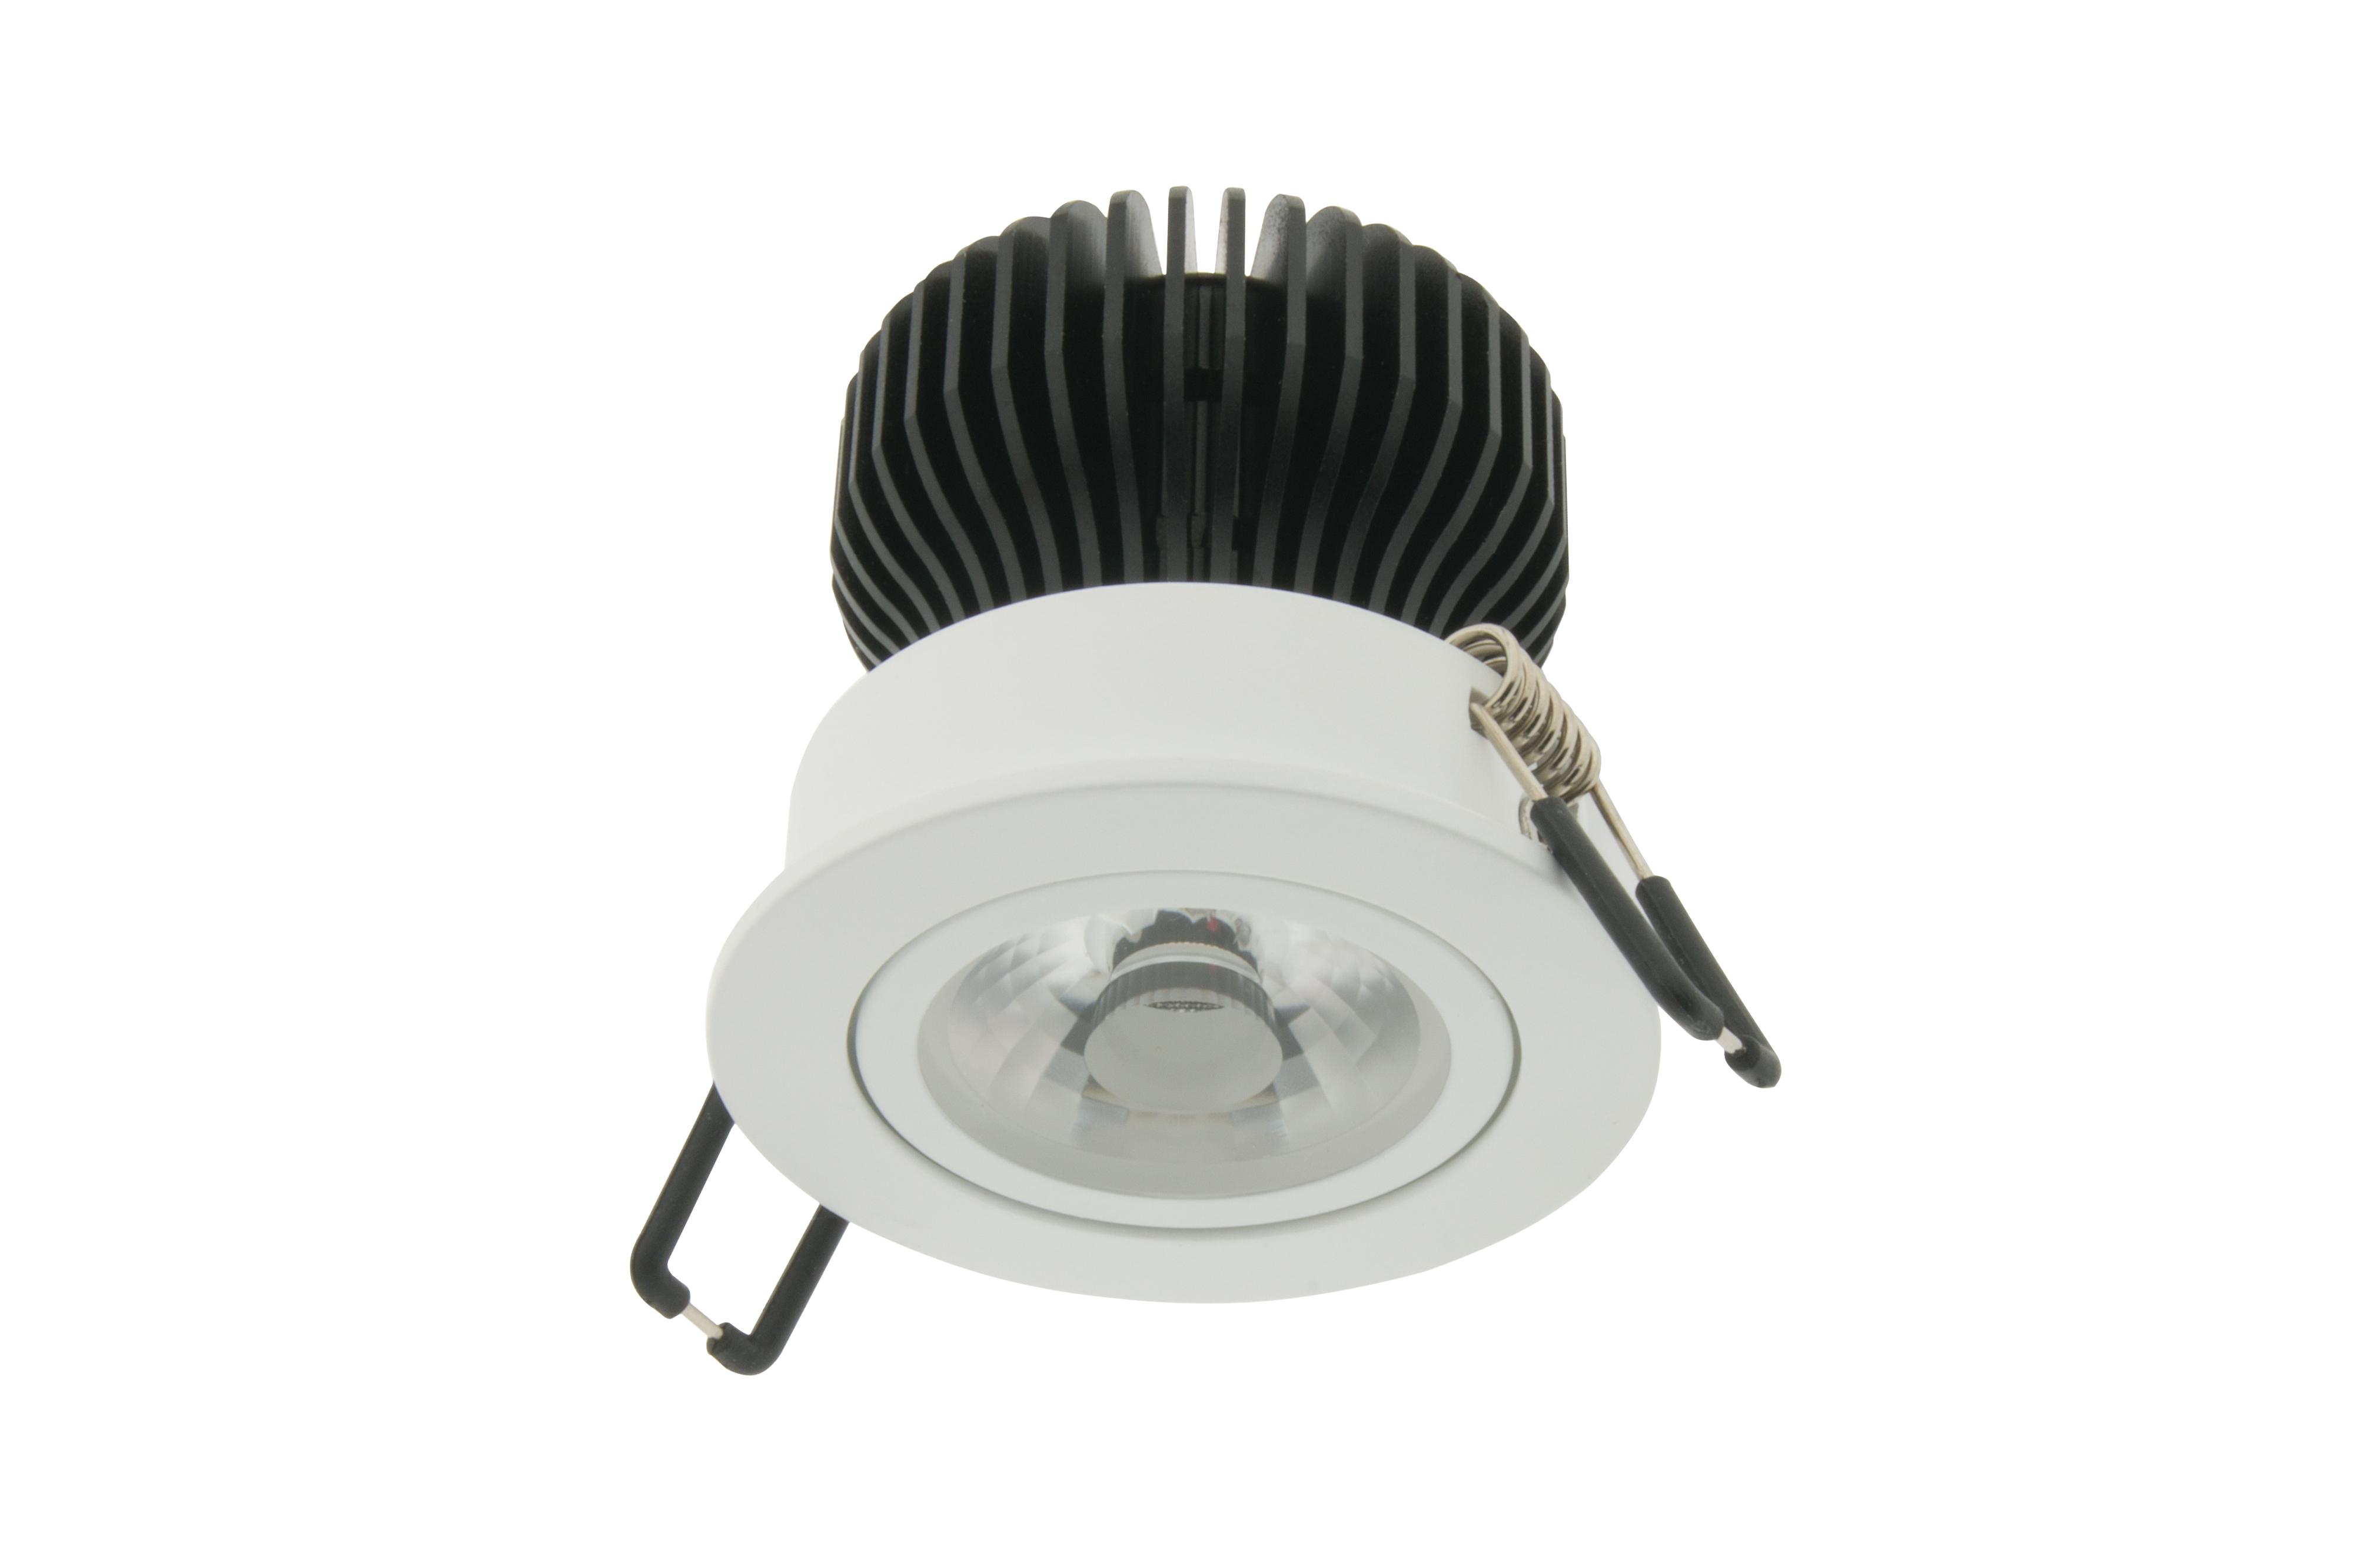 LED Downlight 68 - IP43 | CRI/RA 97 Schwenkb. Ultrawarmweiß